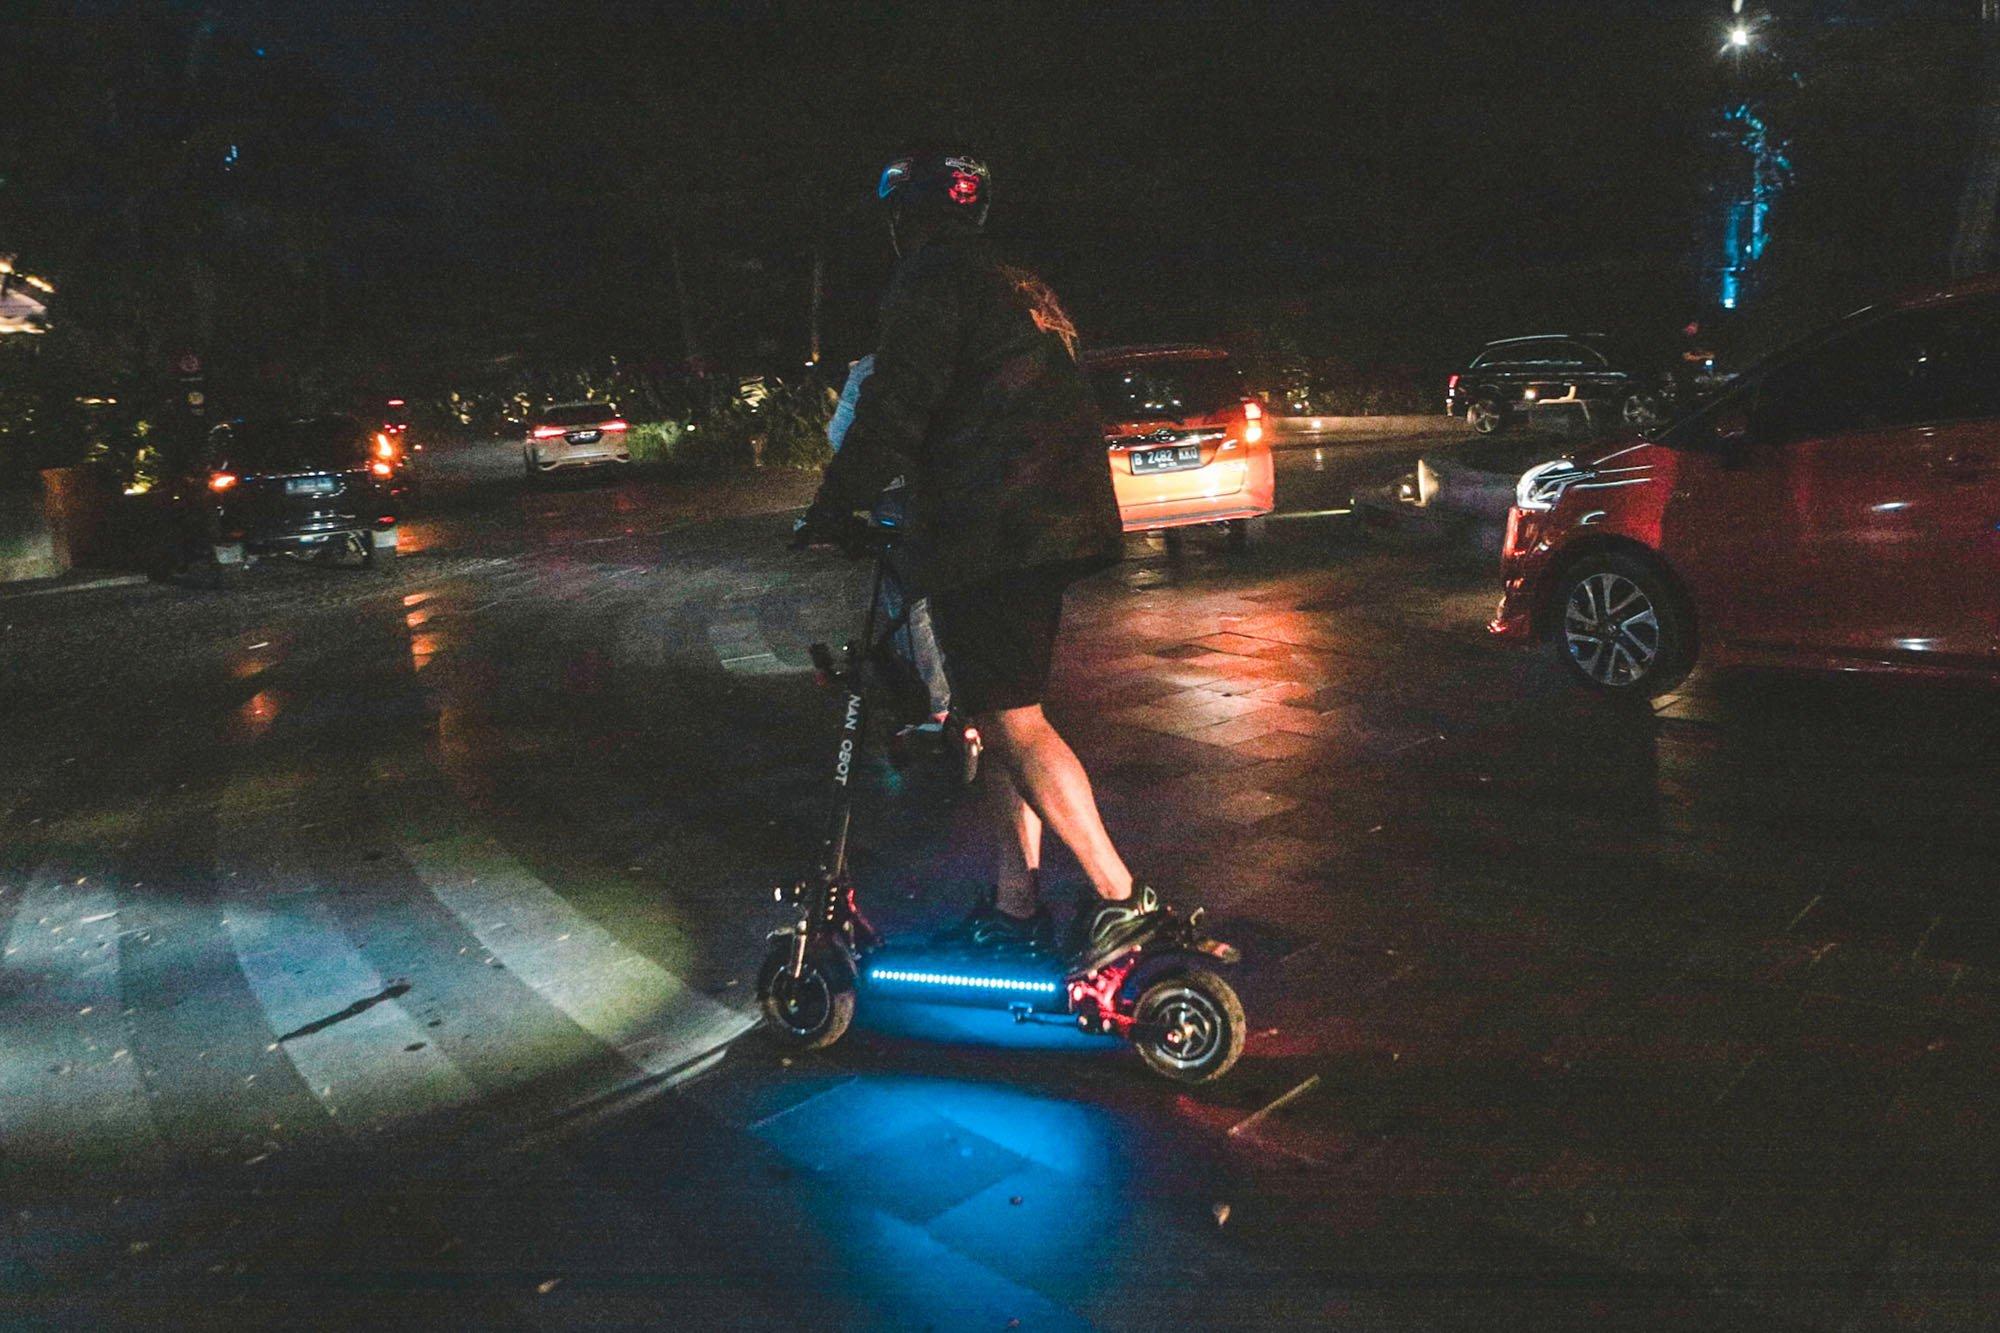 Pengguna skuter elektrik di Kemang, Jakarta (9/11/2019). Skuter eletrik ini tahap pergantian era kendaraan bahan bakar minyak menuju kendaraan bertenaga listrik yang memiliki zero emission.